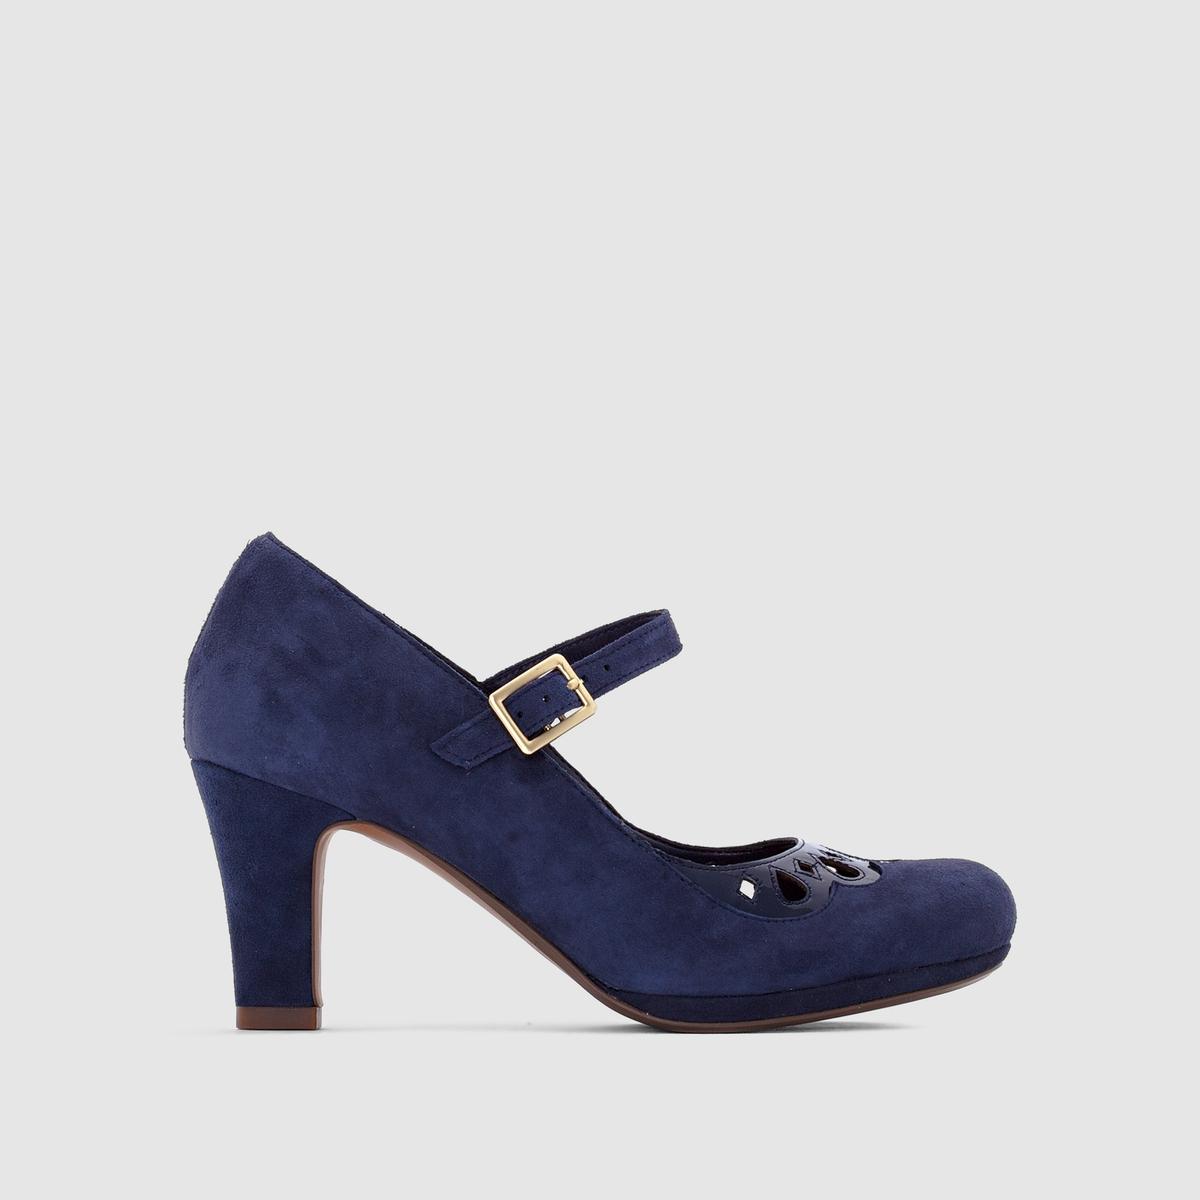 Туфли CLARKS Chorus MusicОчень мягкая замшевая кожа, подчеркнутая женственной вставкой и очаровательным ремешком: изысканные и удобные туфли от марки Clarks.<br><br>Цвет: темно-синий<br>Размер: 37